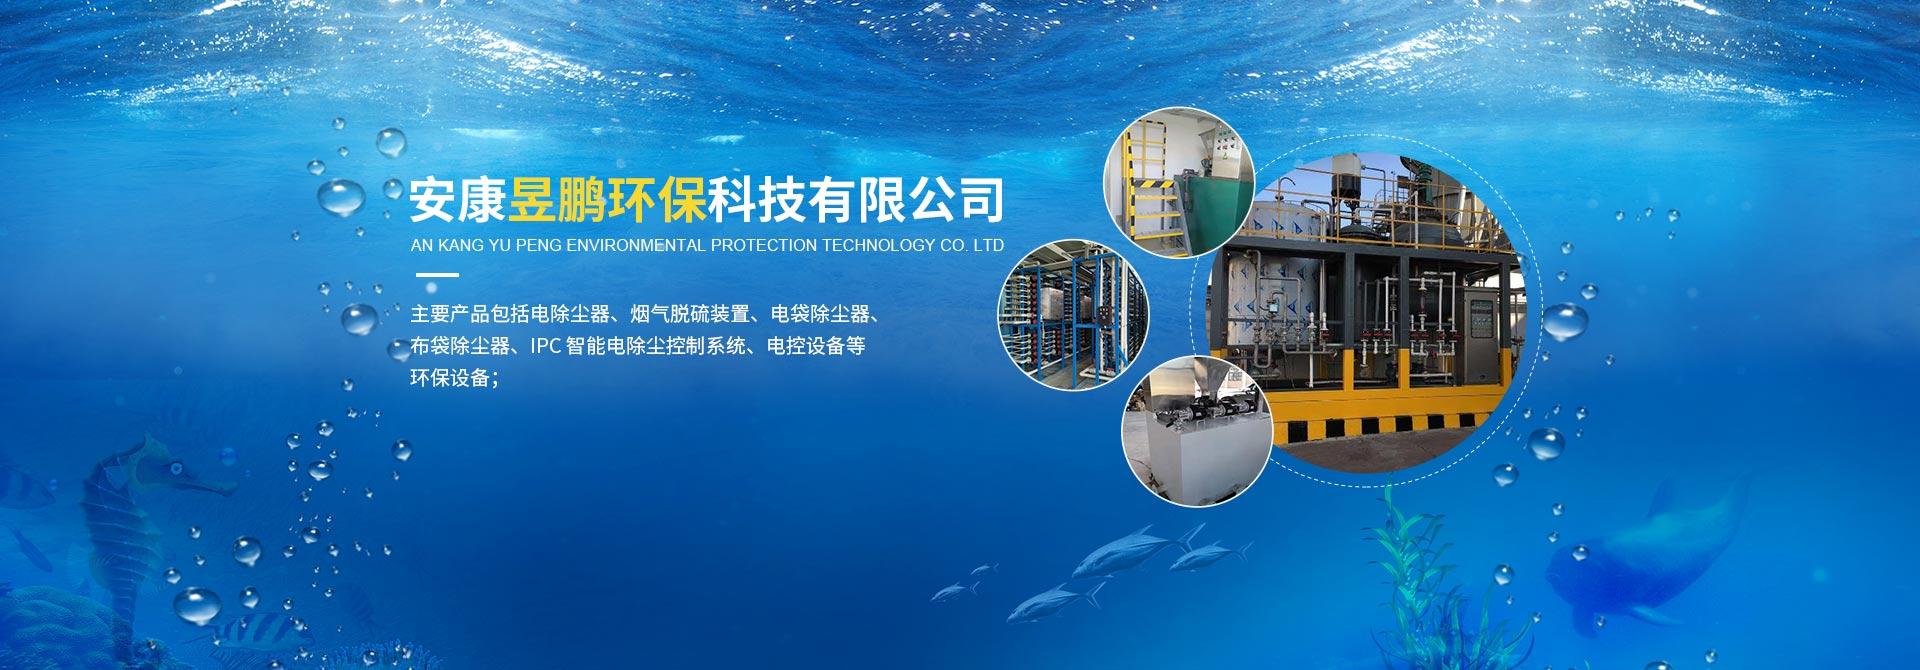 安康水净化剂